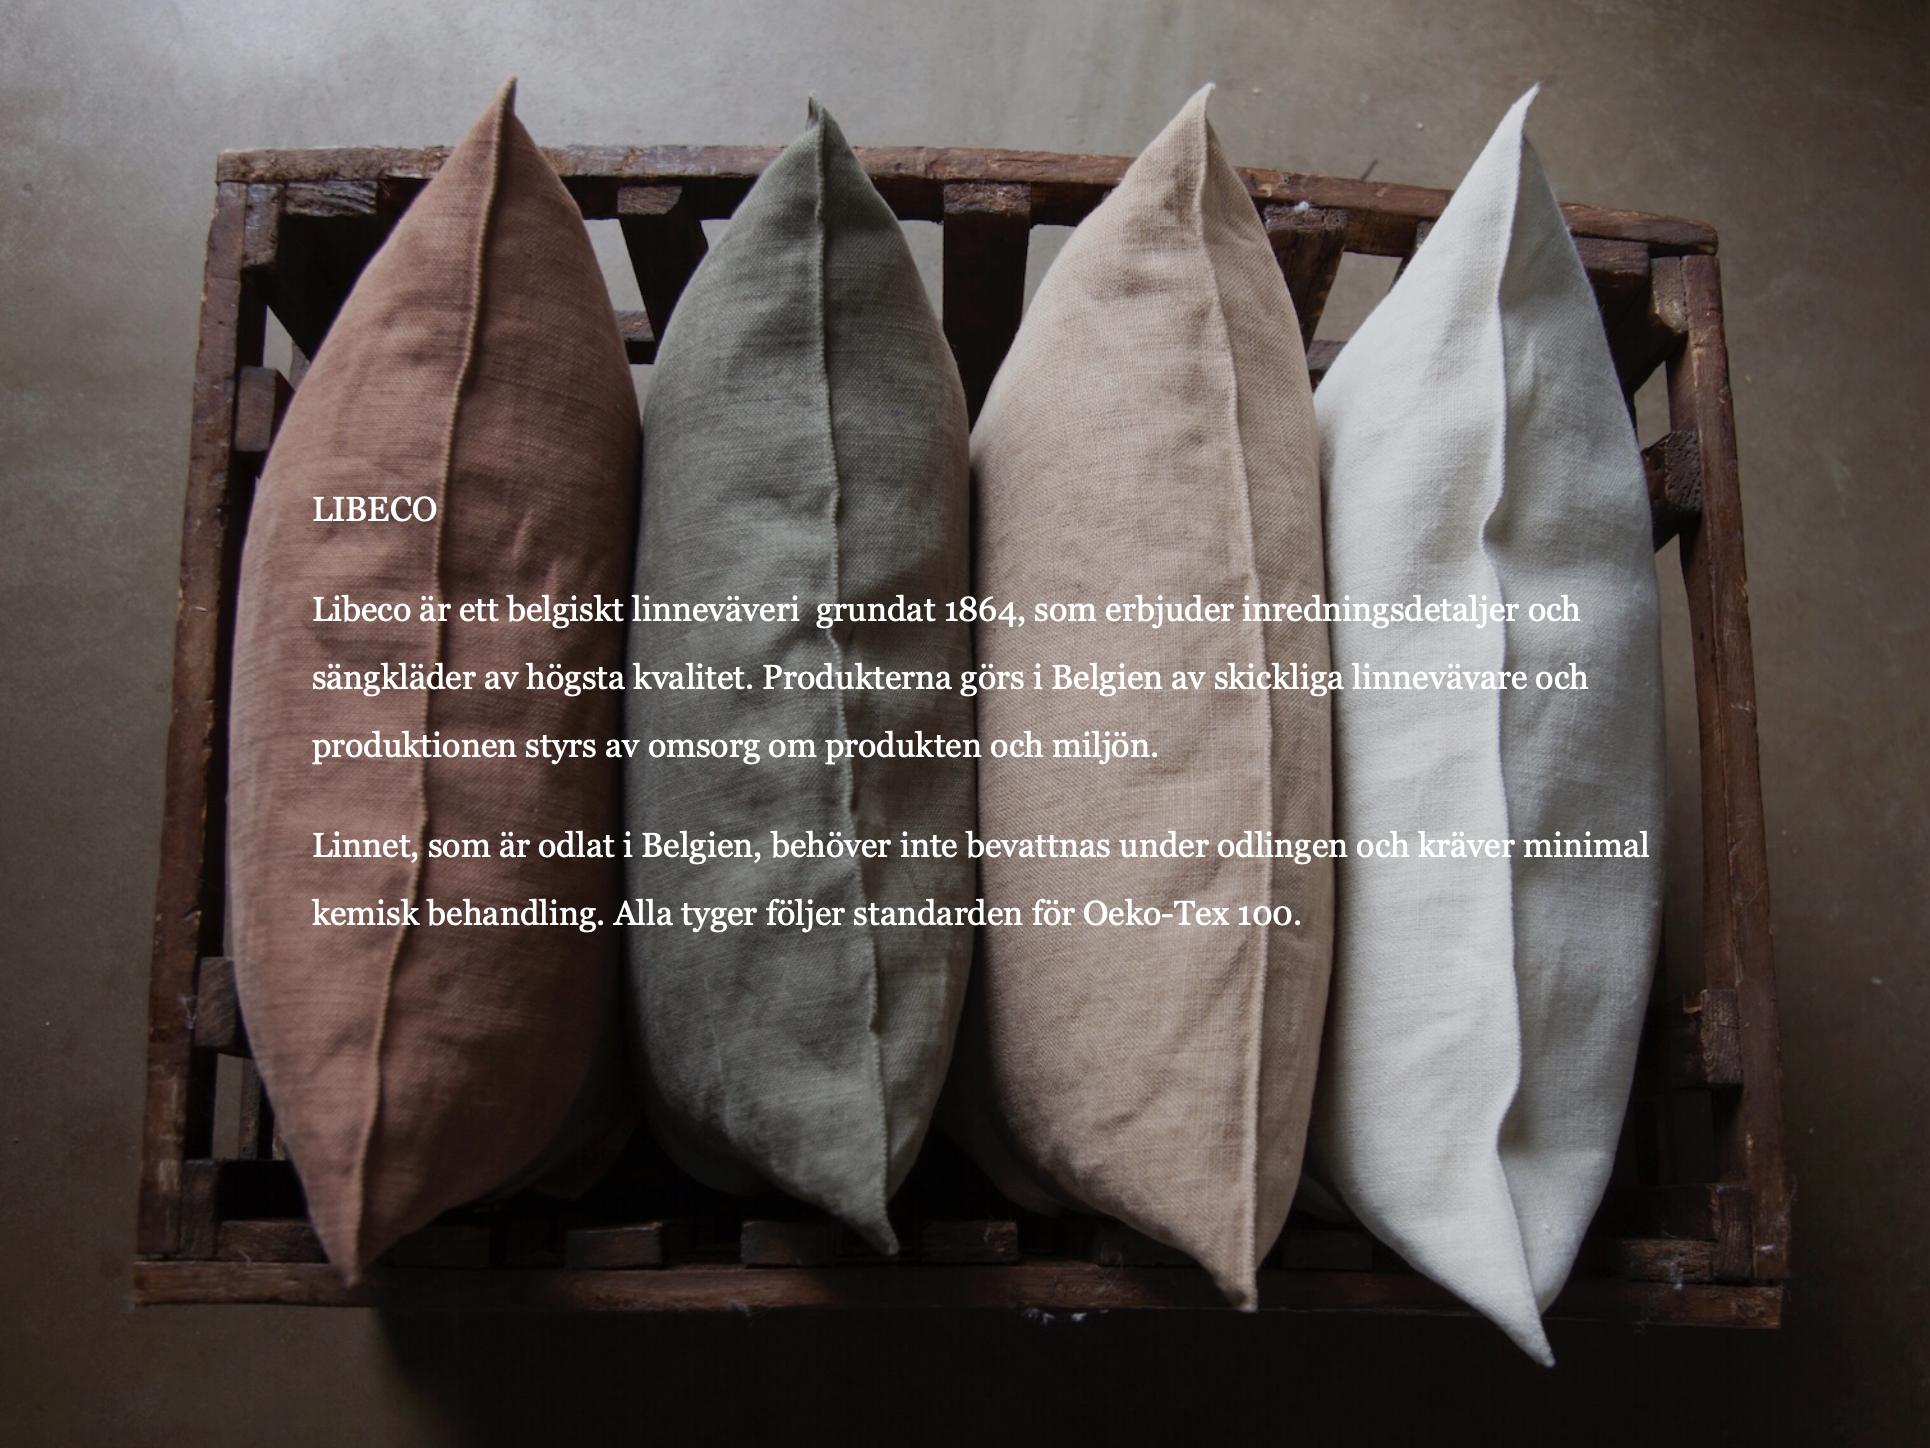 Libeco är ett belgiskt linneväveri  grundat 1864, som erbjuder inredningsdetaljer och sängkläder av högsta kvalitet. Produkterna görs i Belgien av skickliga linnevävare och produktionen styrs av omsorg om produkten och miljön.